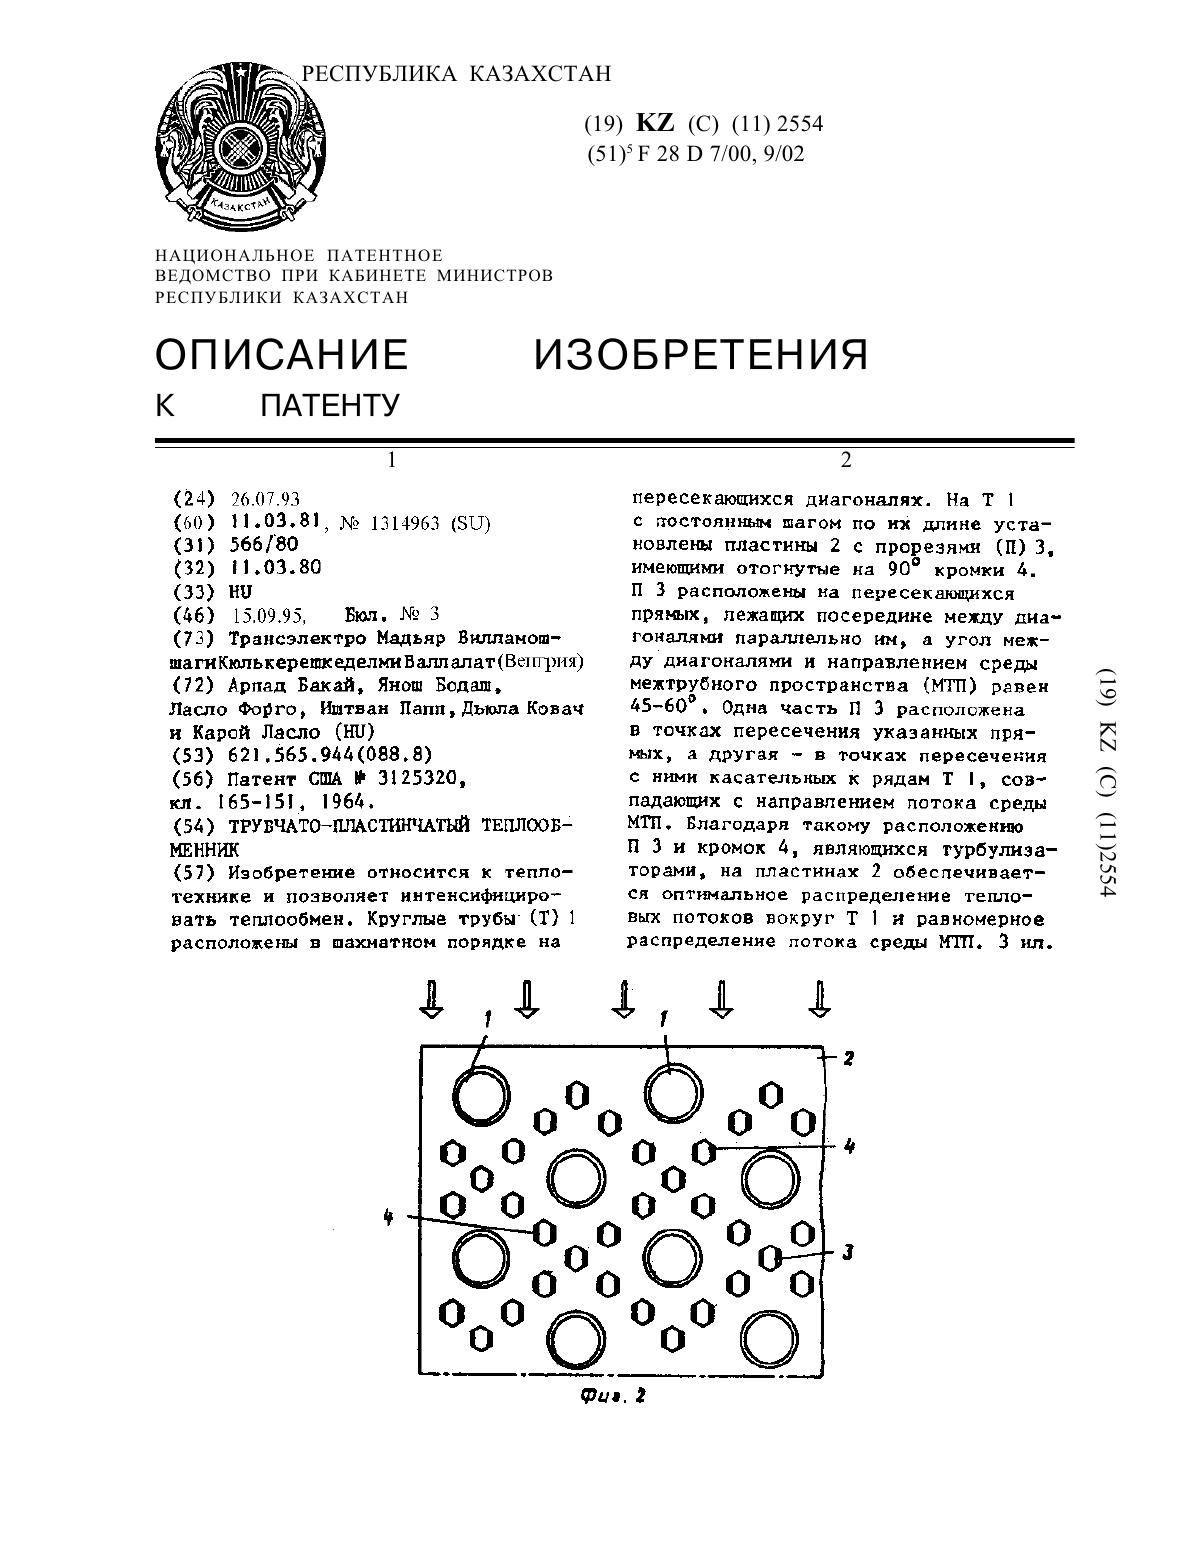 Форго теплообменник Подогреватель высокого давления ПВ-1550-380-70-1 Сыктывкар